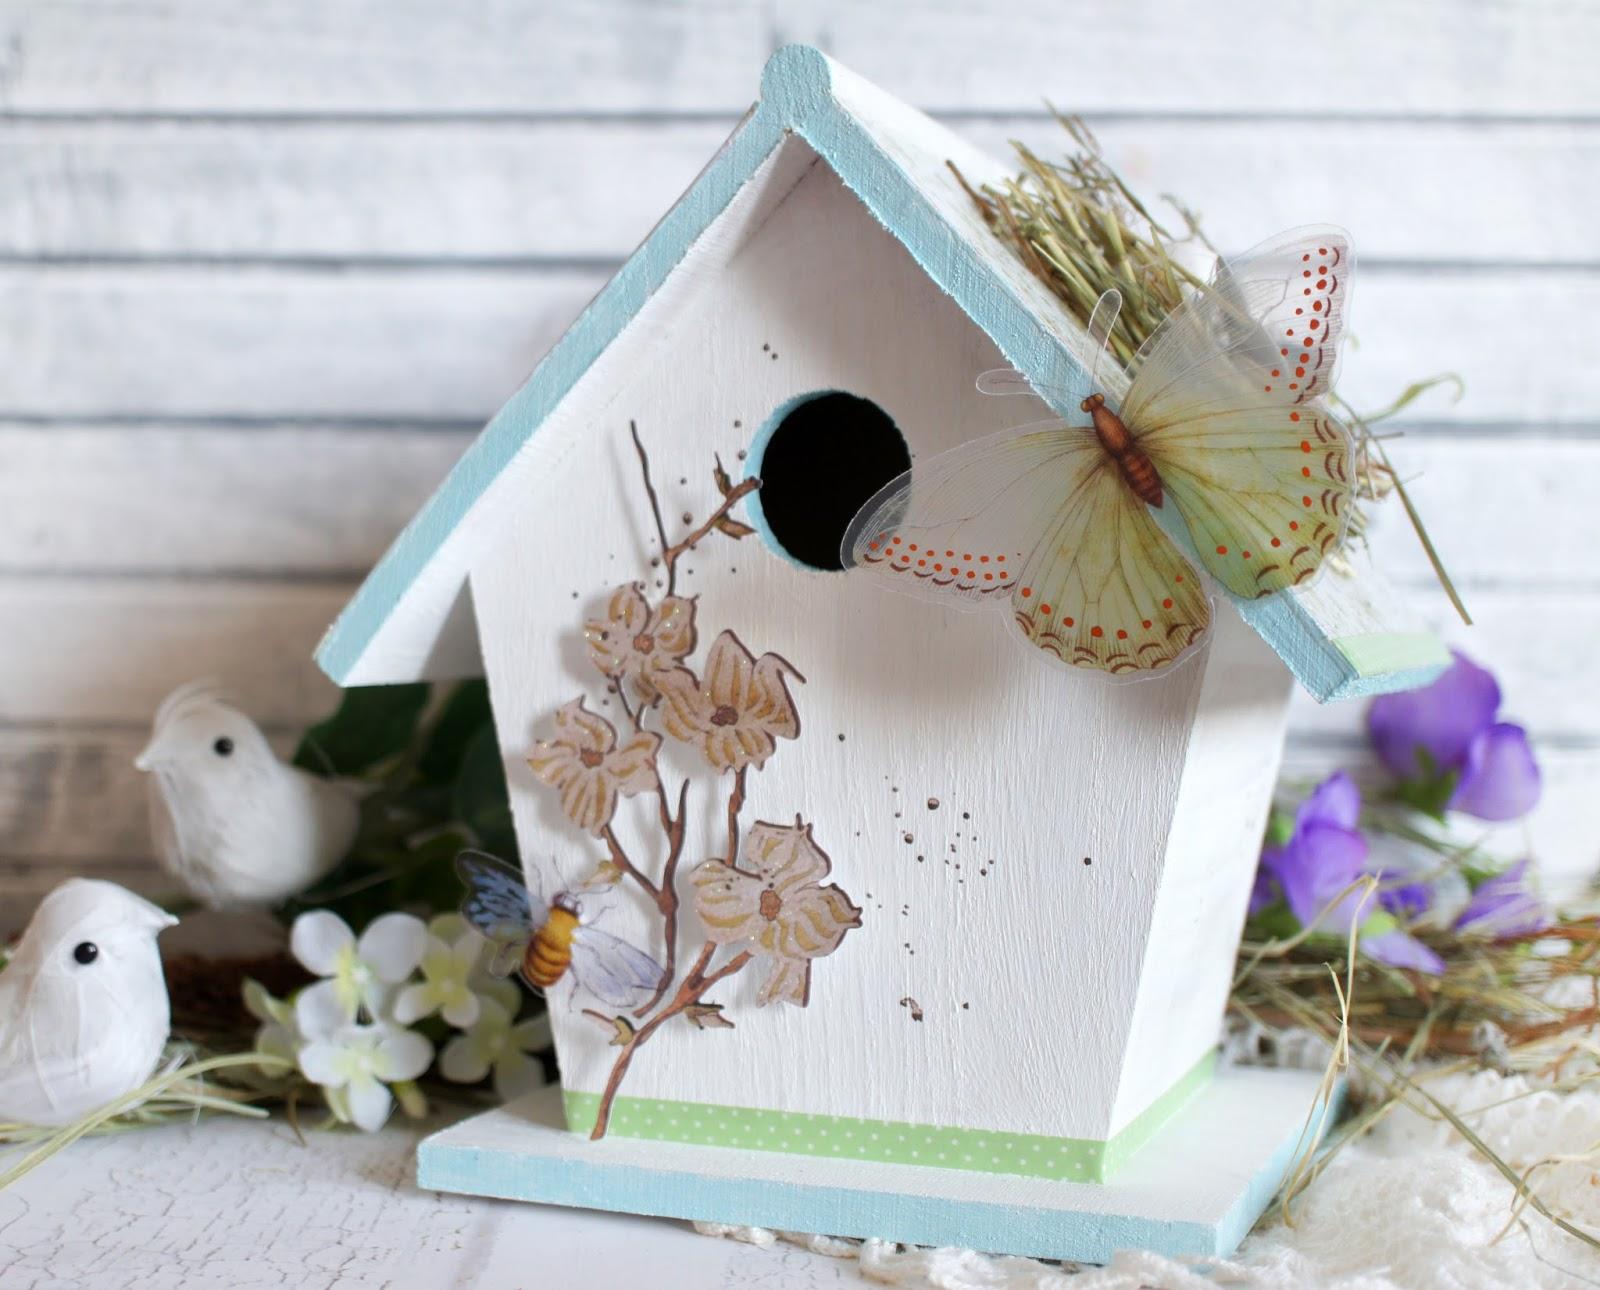 Кормушки для птиц своими руками фото из цветочного горшка